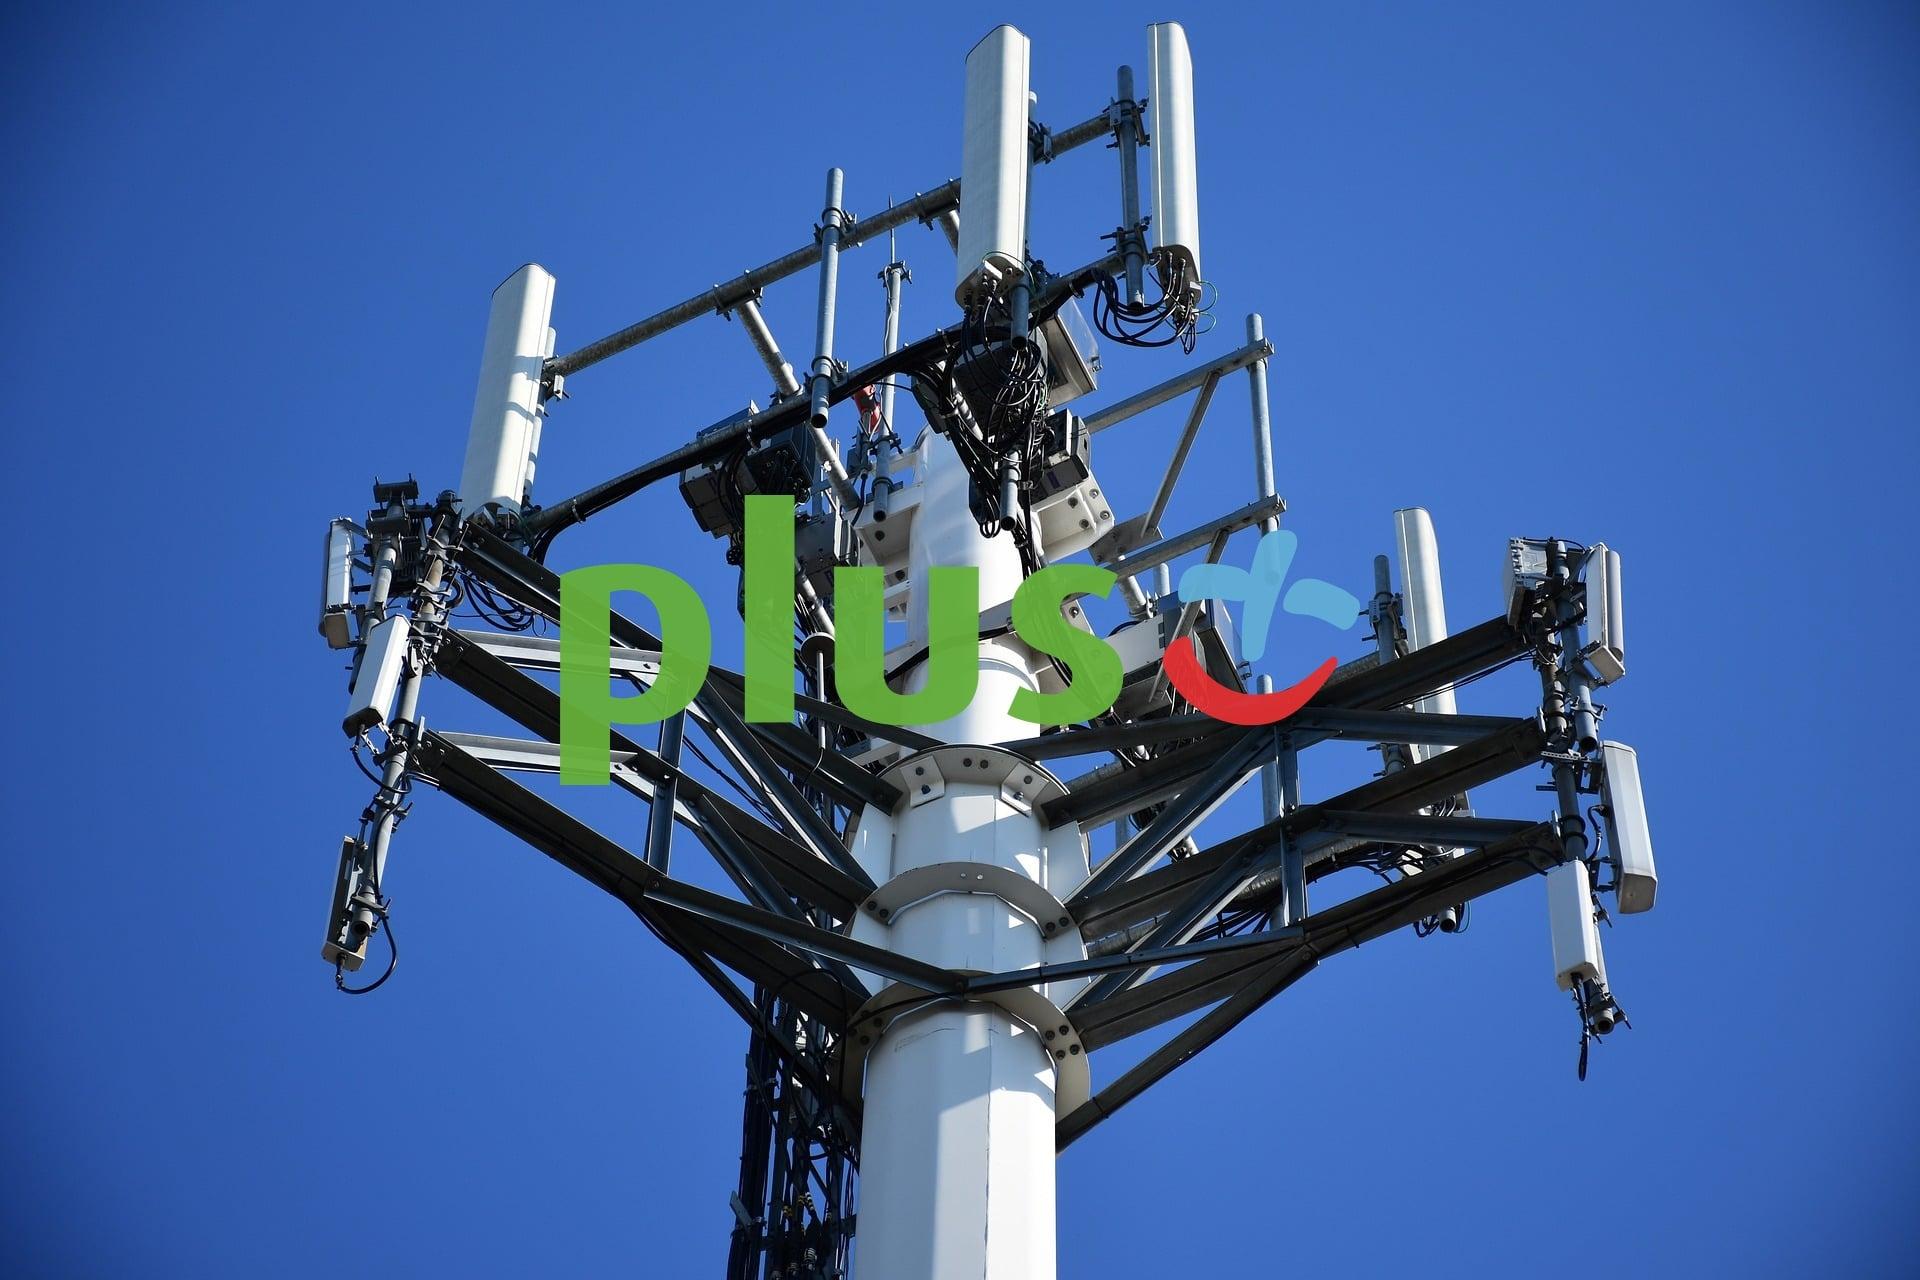 Już w ponad 300 miejscowościach można korzystać z LTE Plus Advanced z prędkością do 500 Mb/s 24